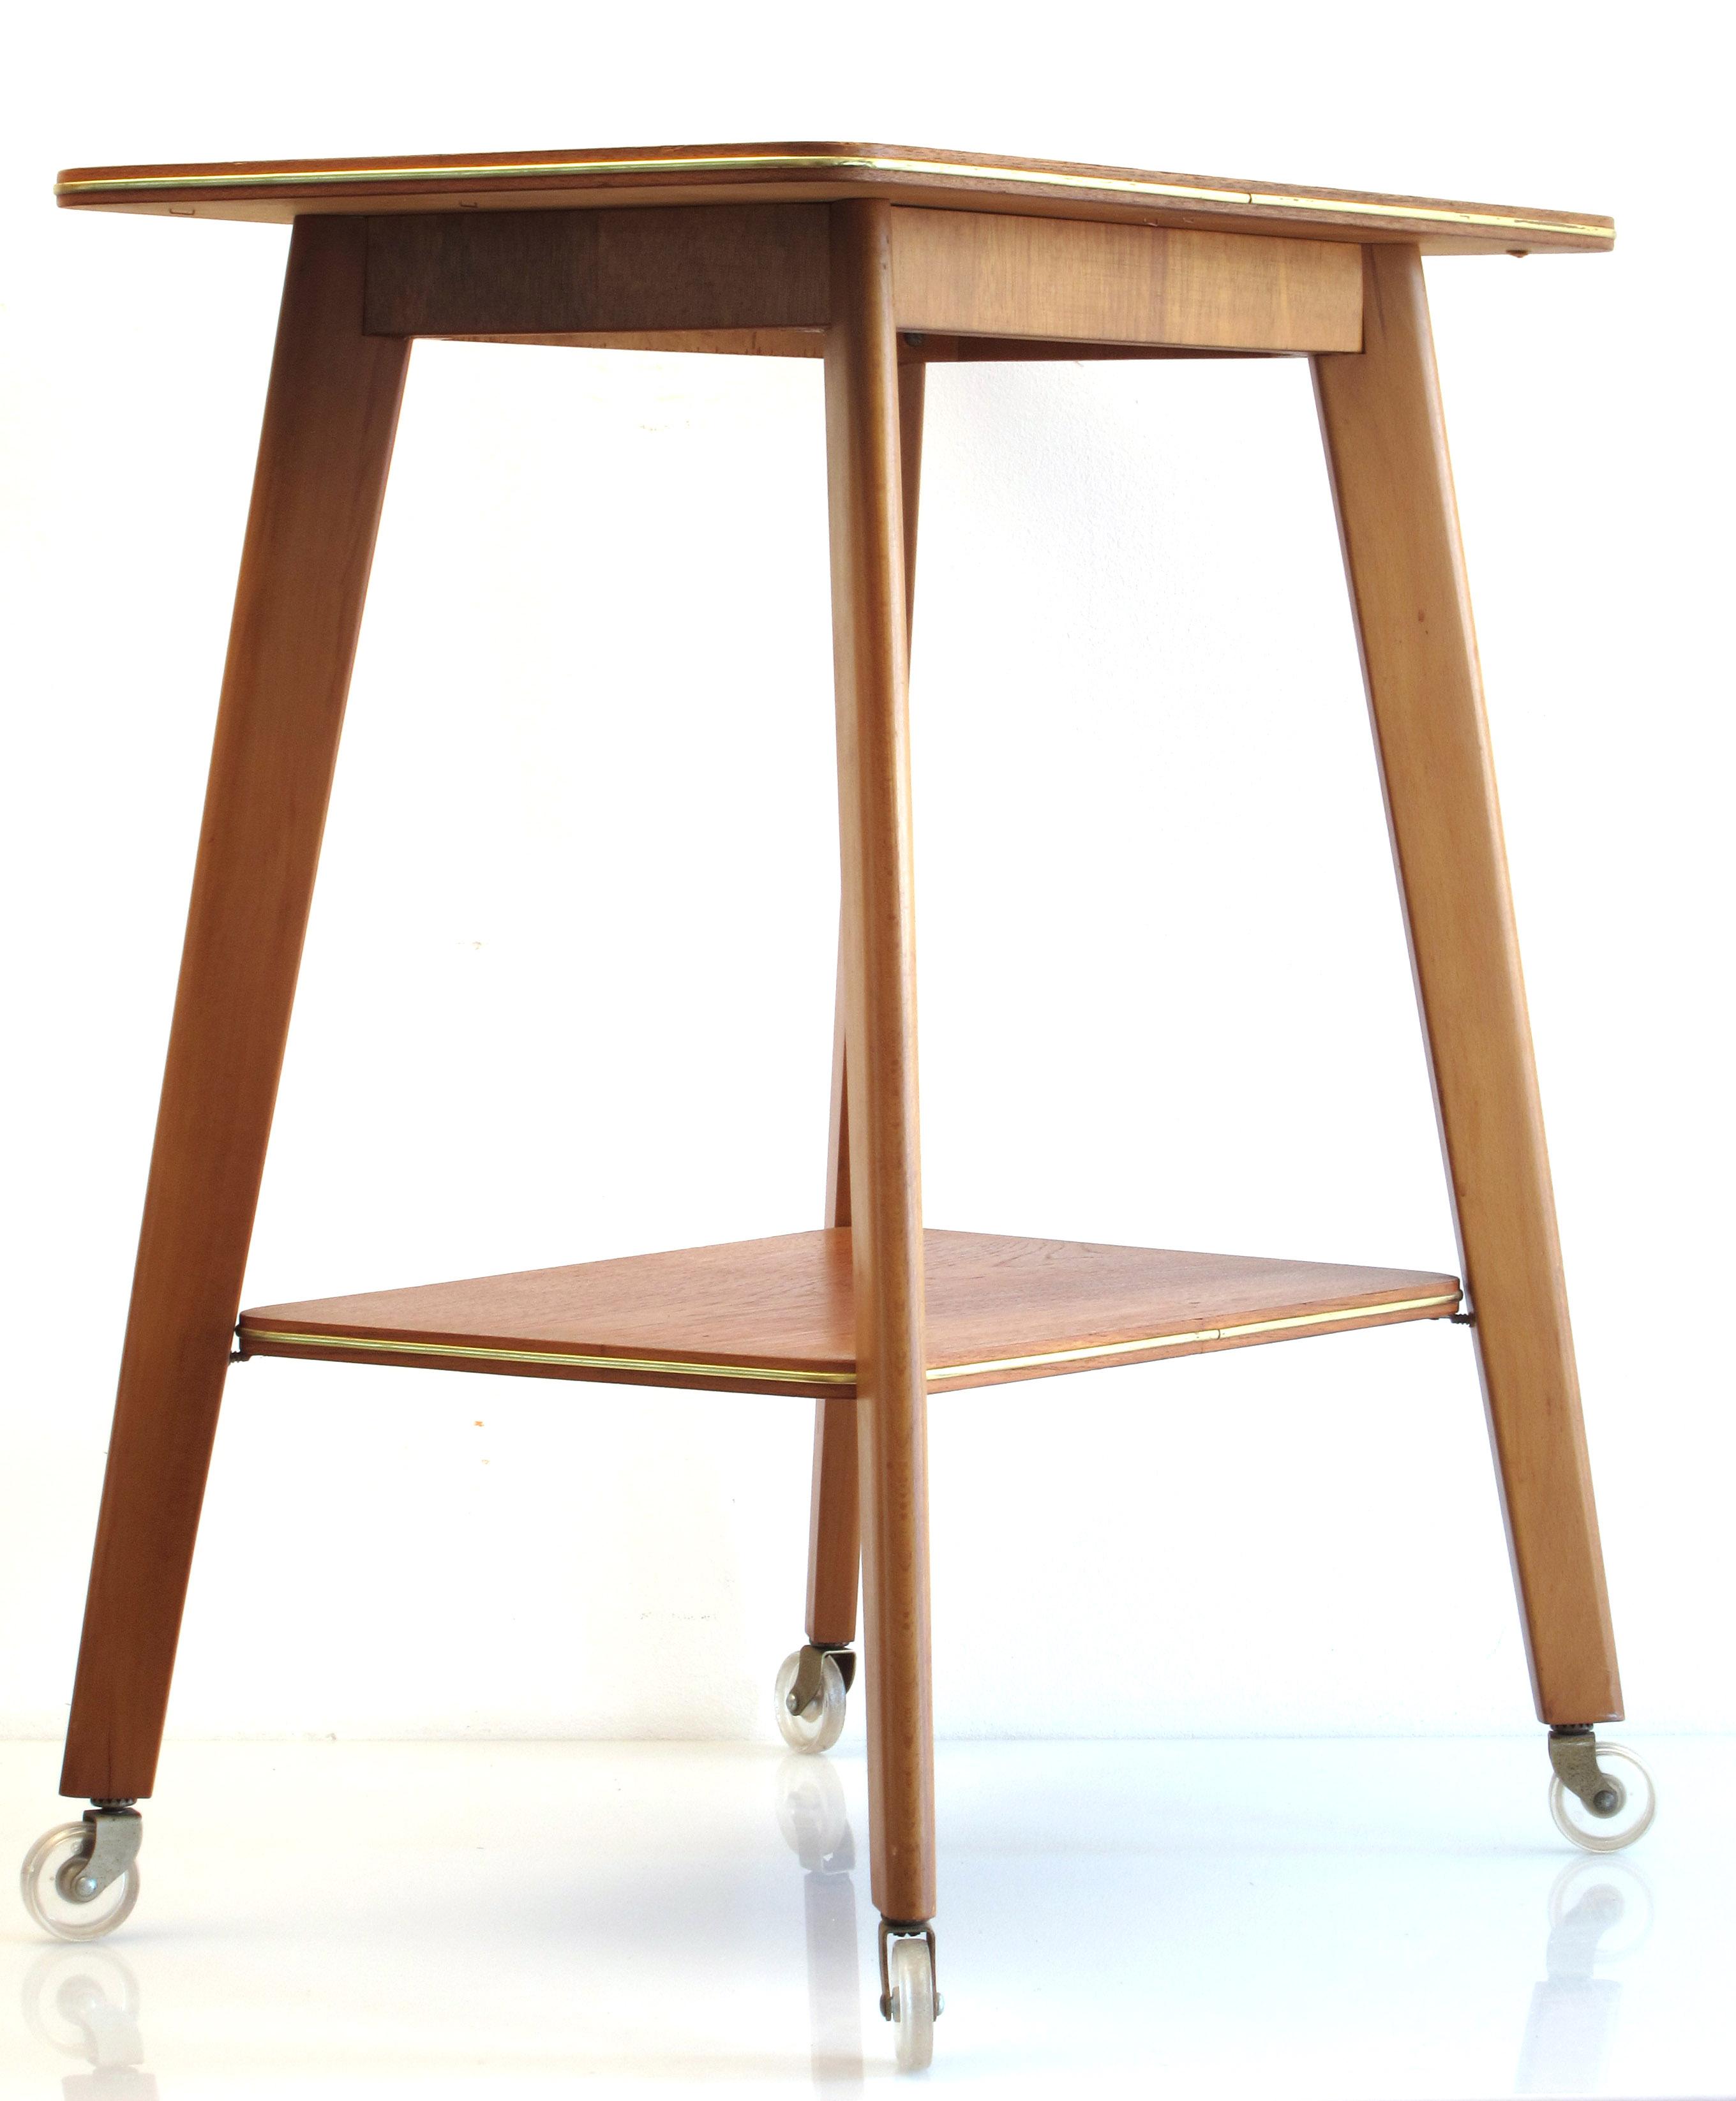 Fifties wooden vintage design tea trolley